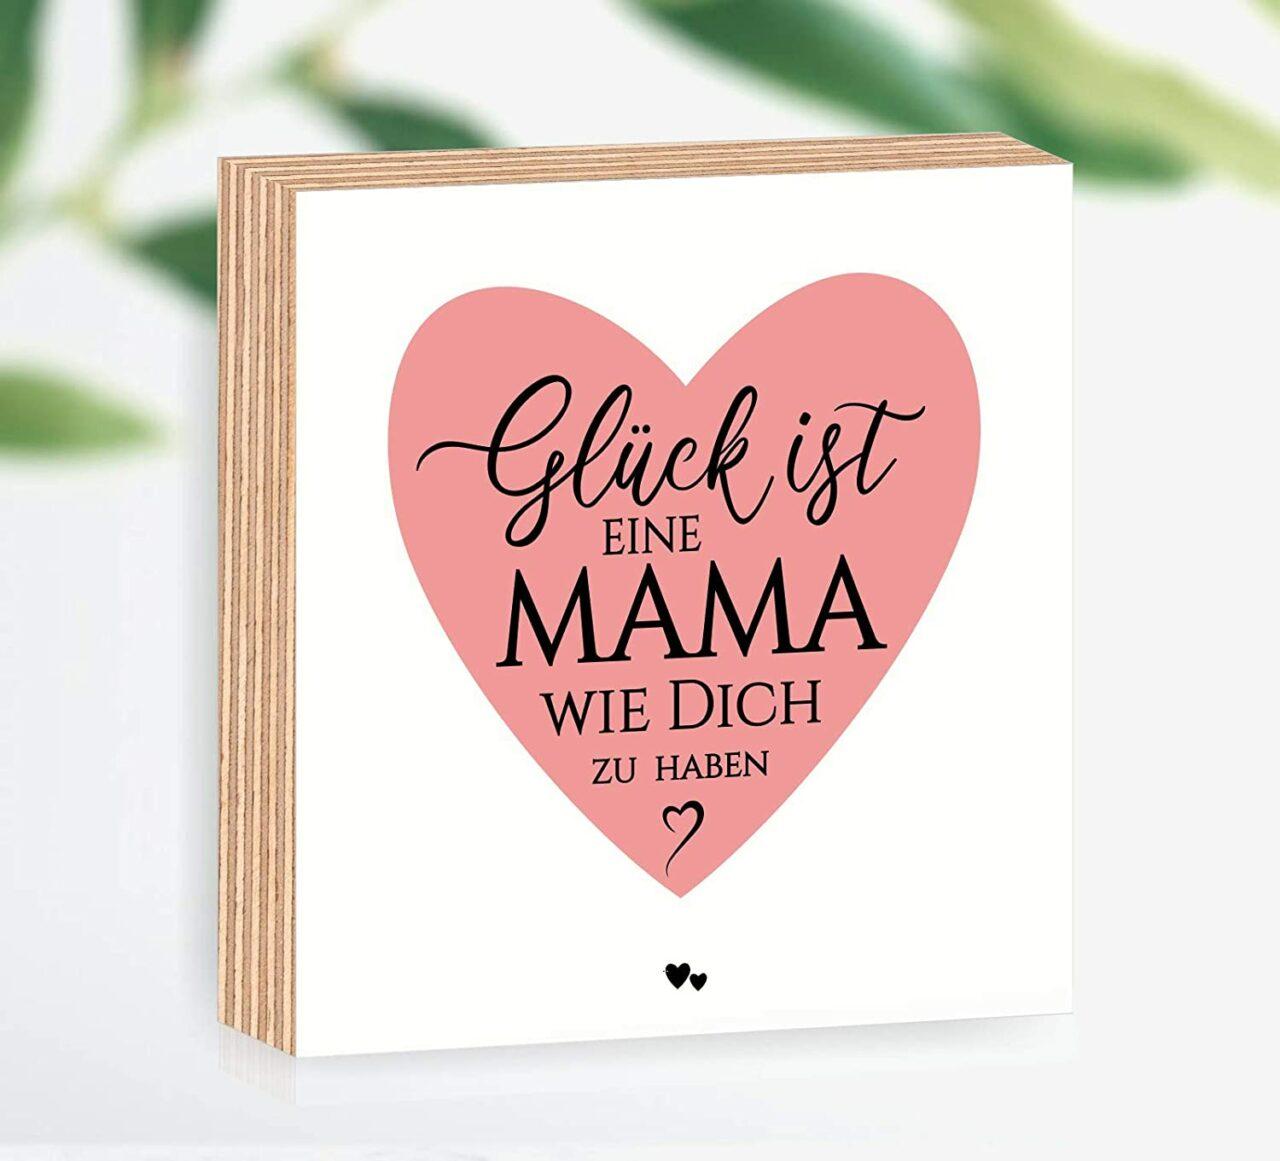 Glück ist eine Mama wie dich zu haben